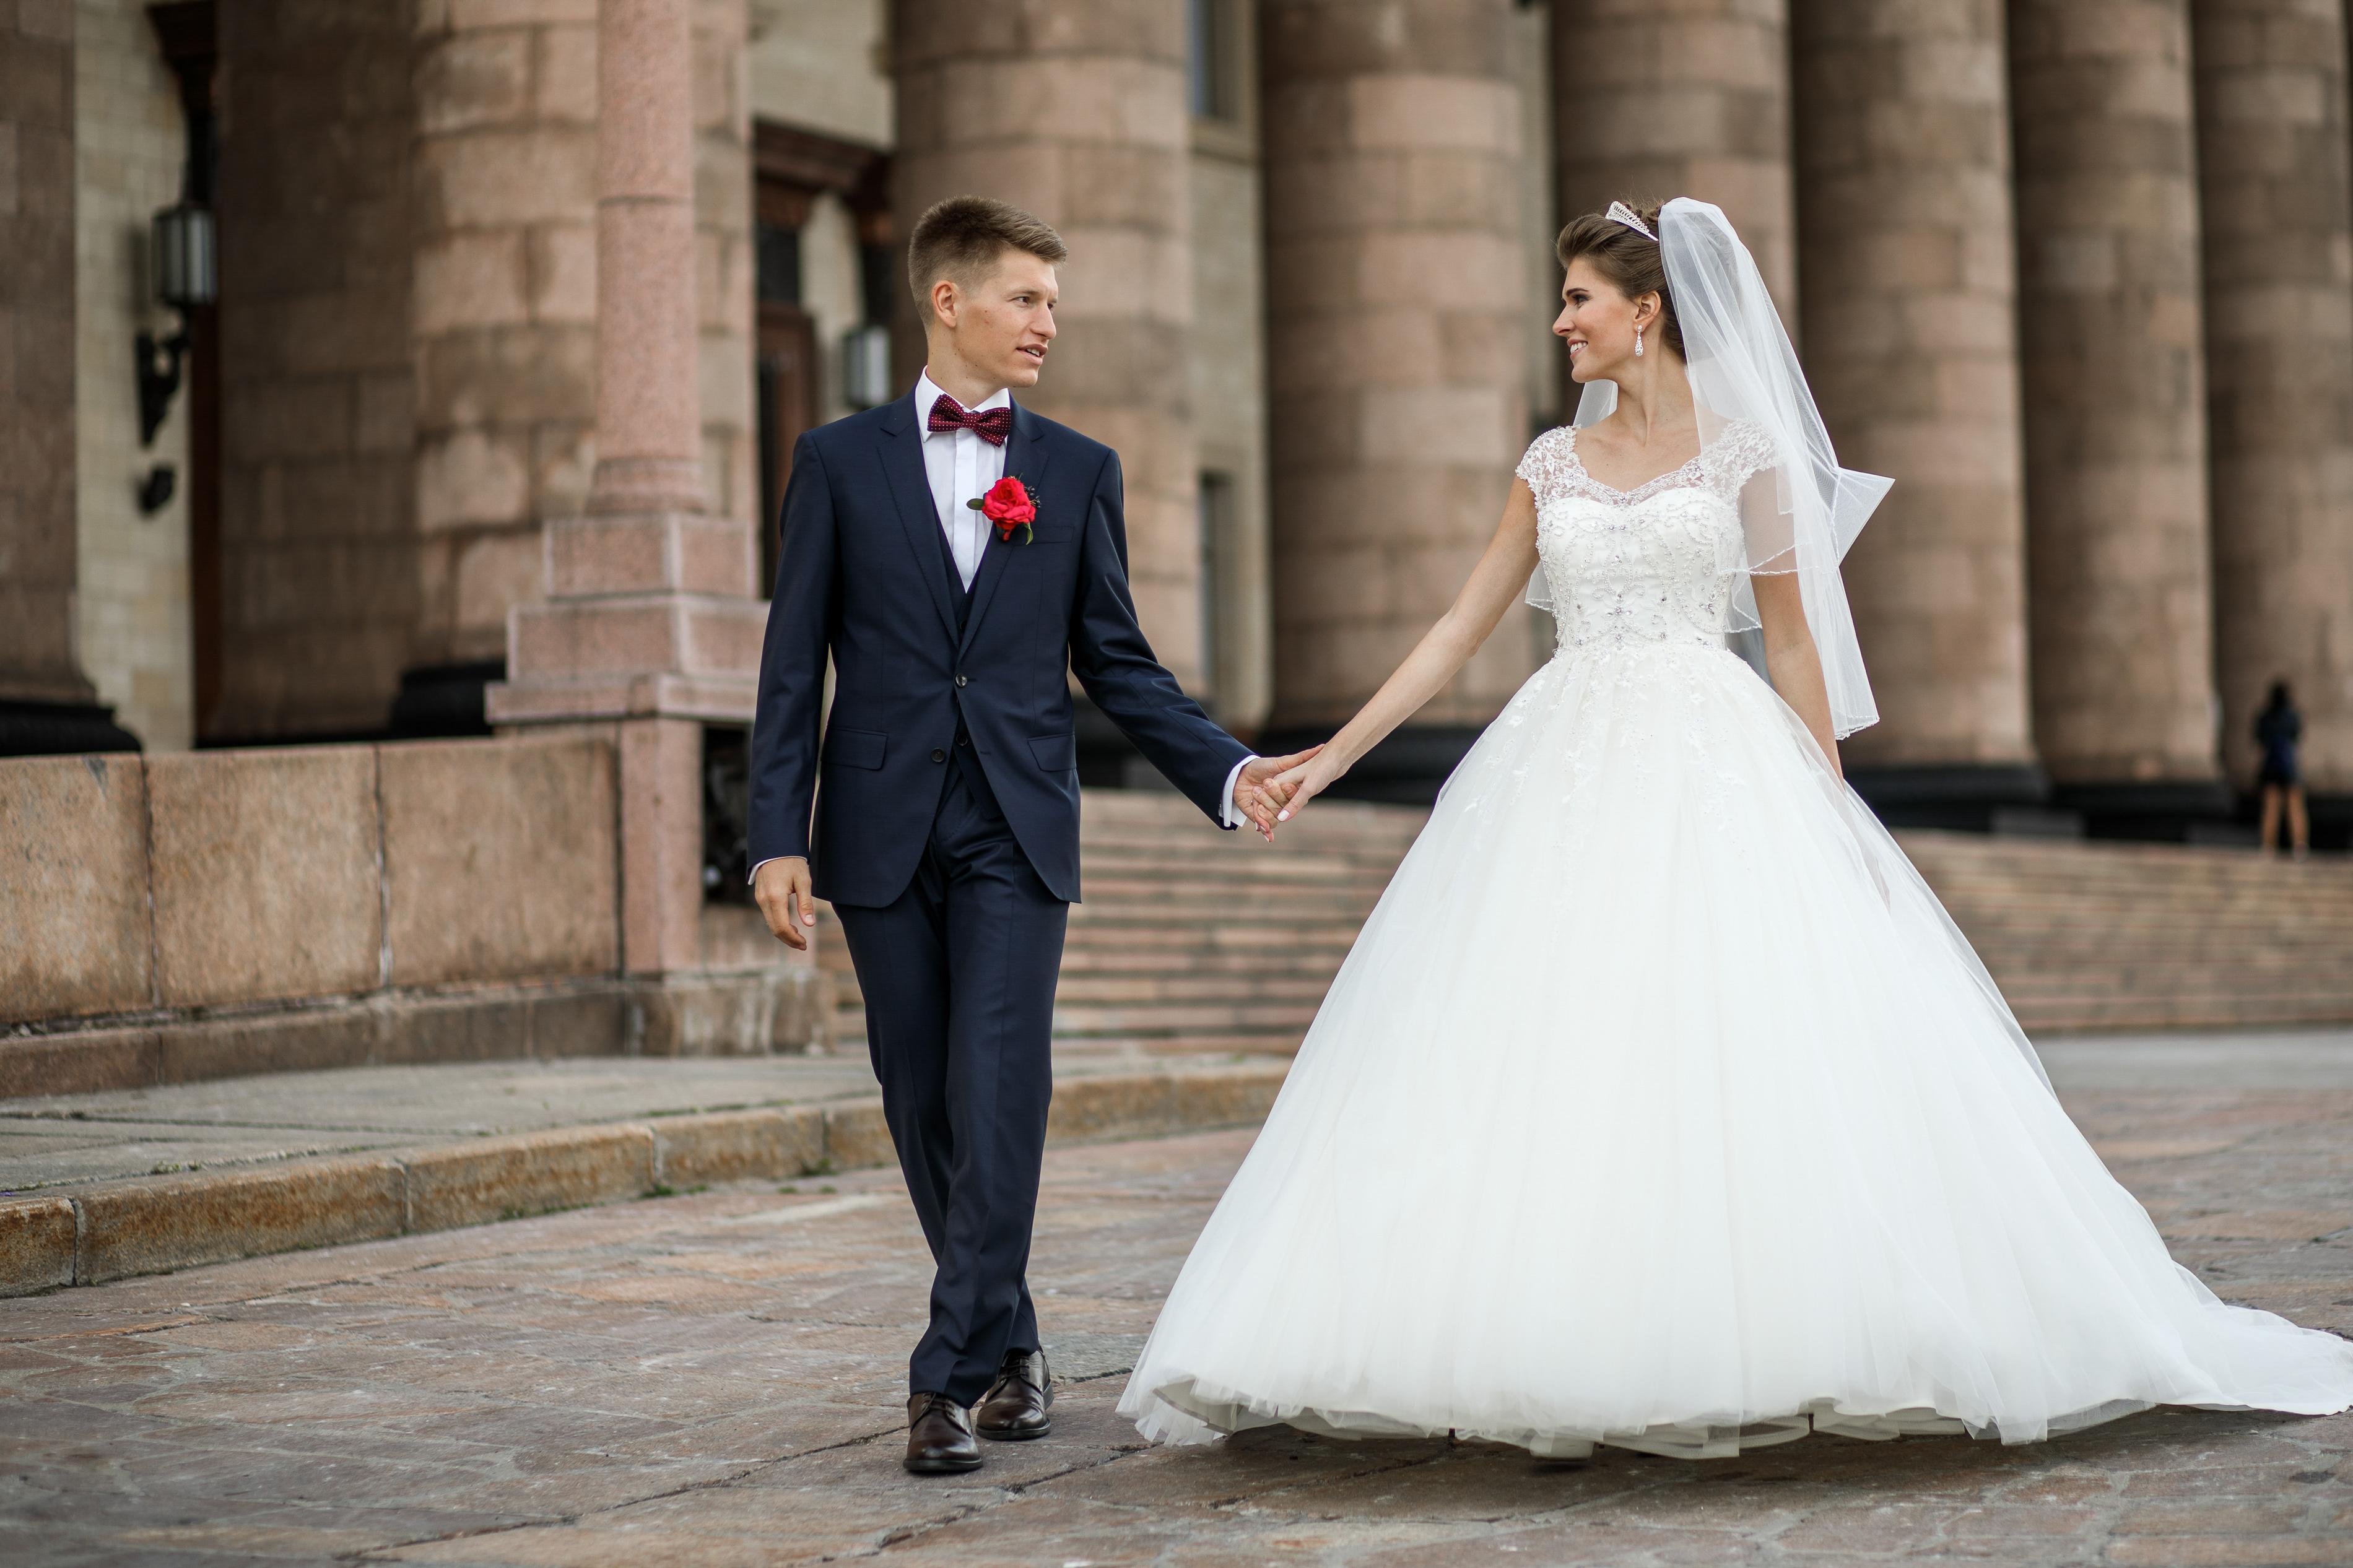 Брак как возможность получить ПМЖ Ирландии для иностранца